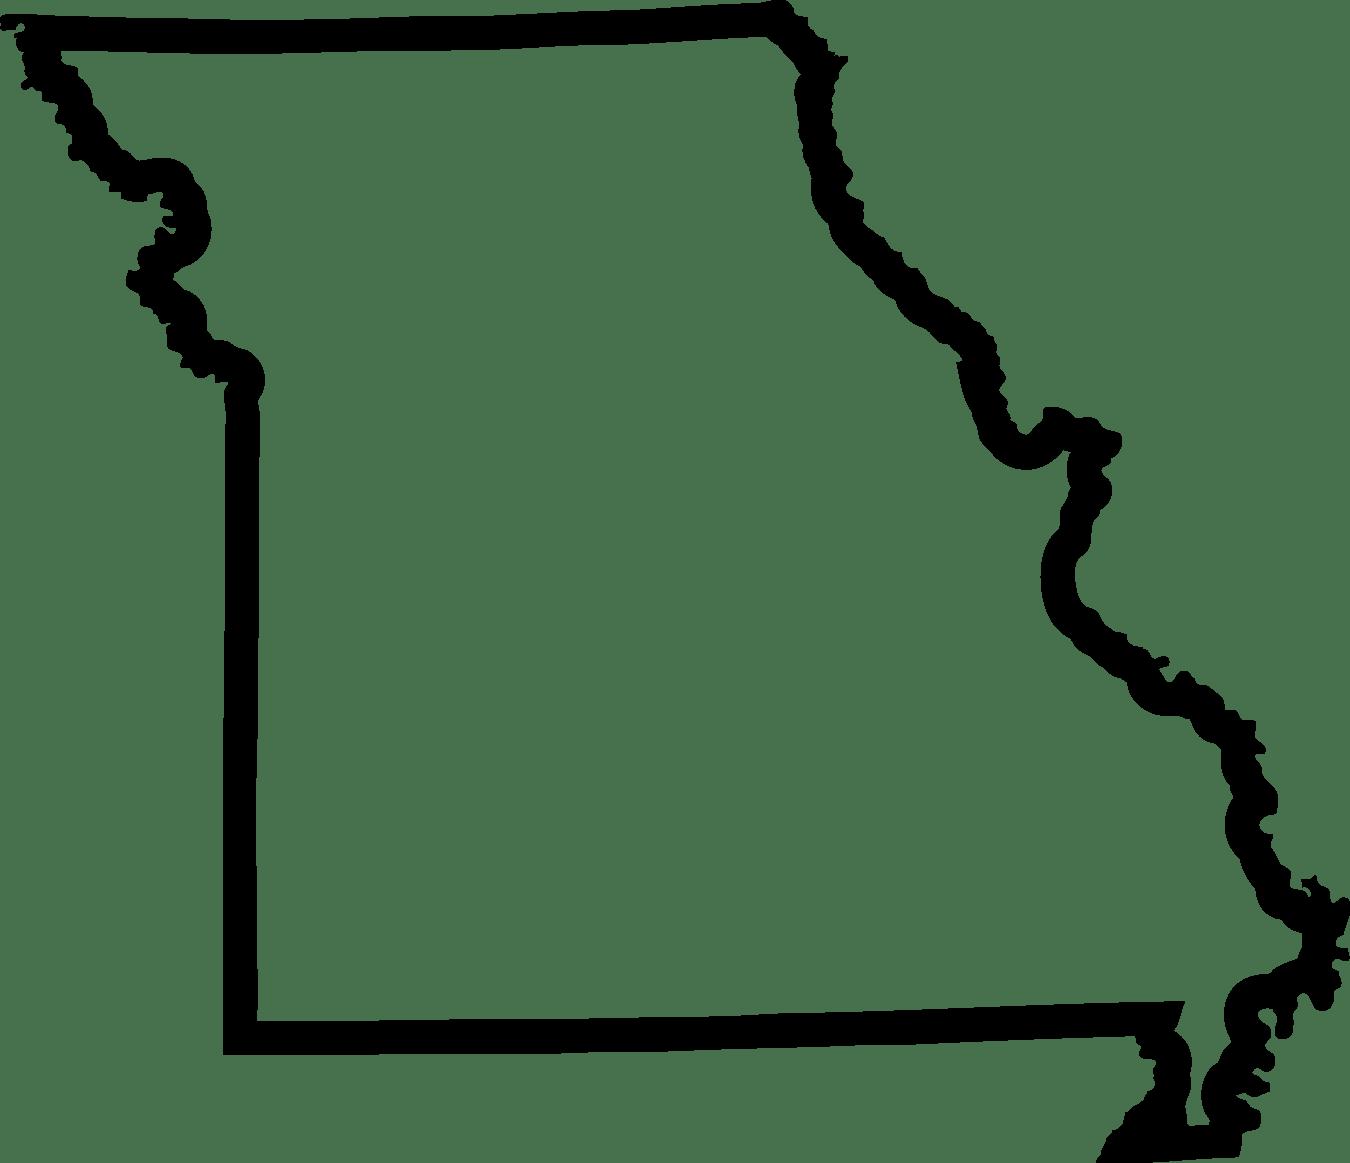 Georgia Outline